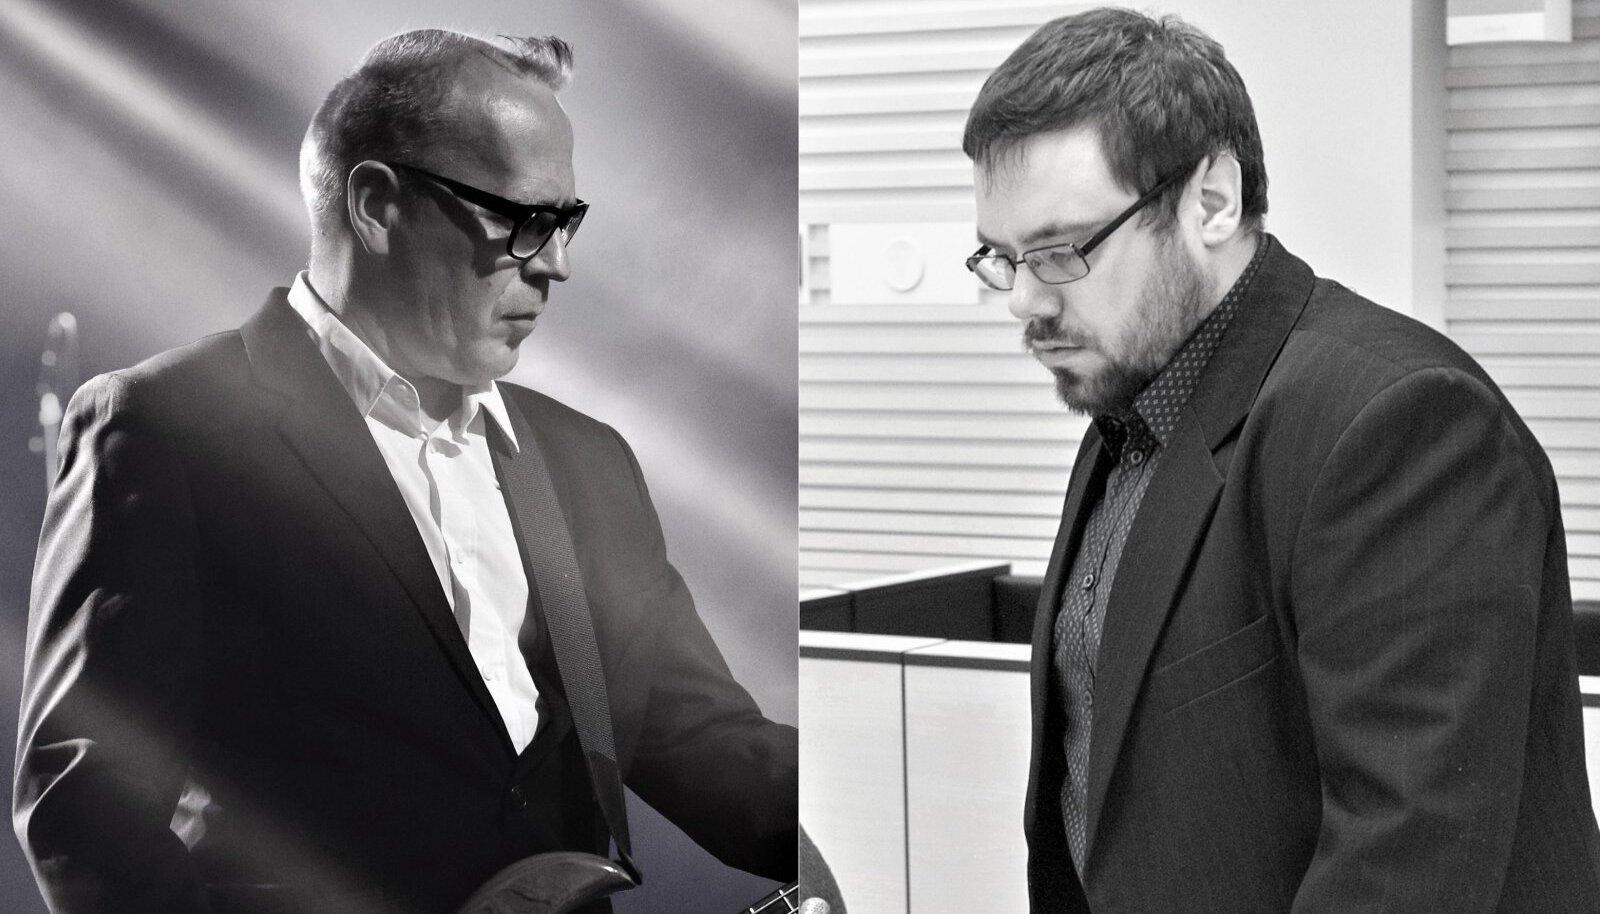 OHVER JA SÜÜDIMÕISTETU: Muusik Raivo Rätte hukkus Karel Šmutovi käe läbi.